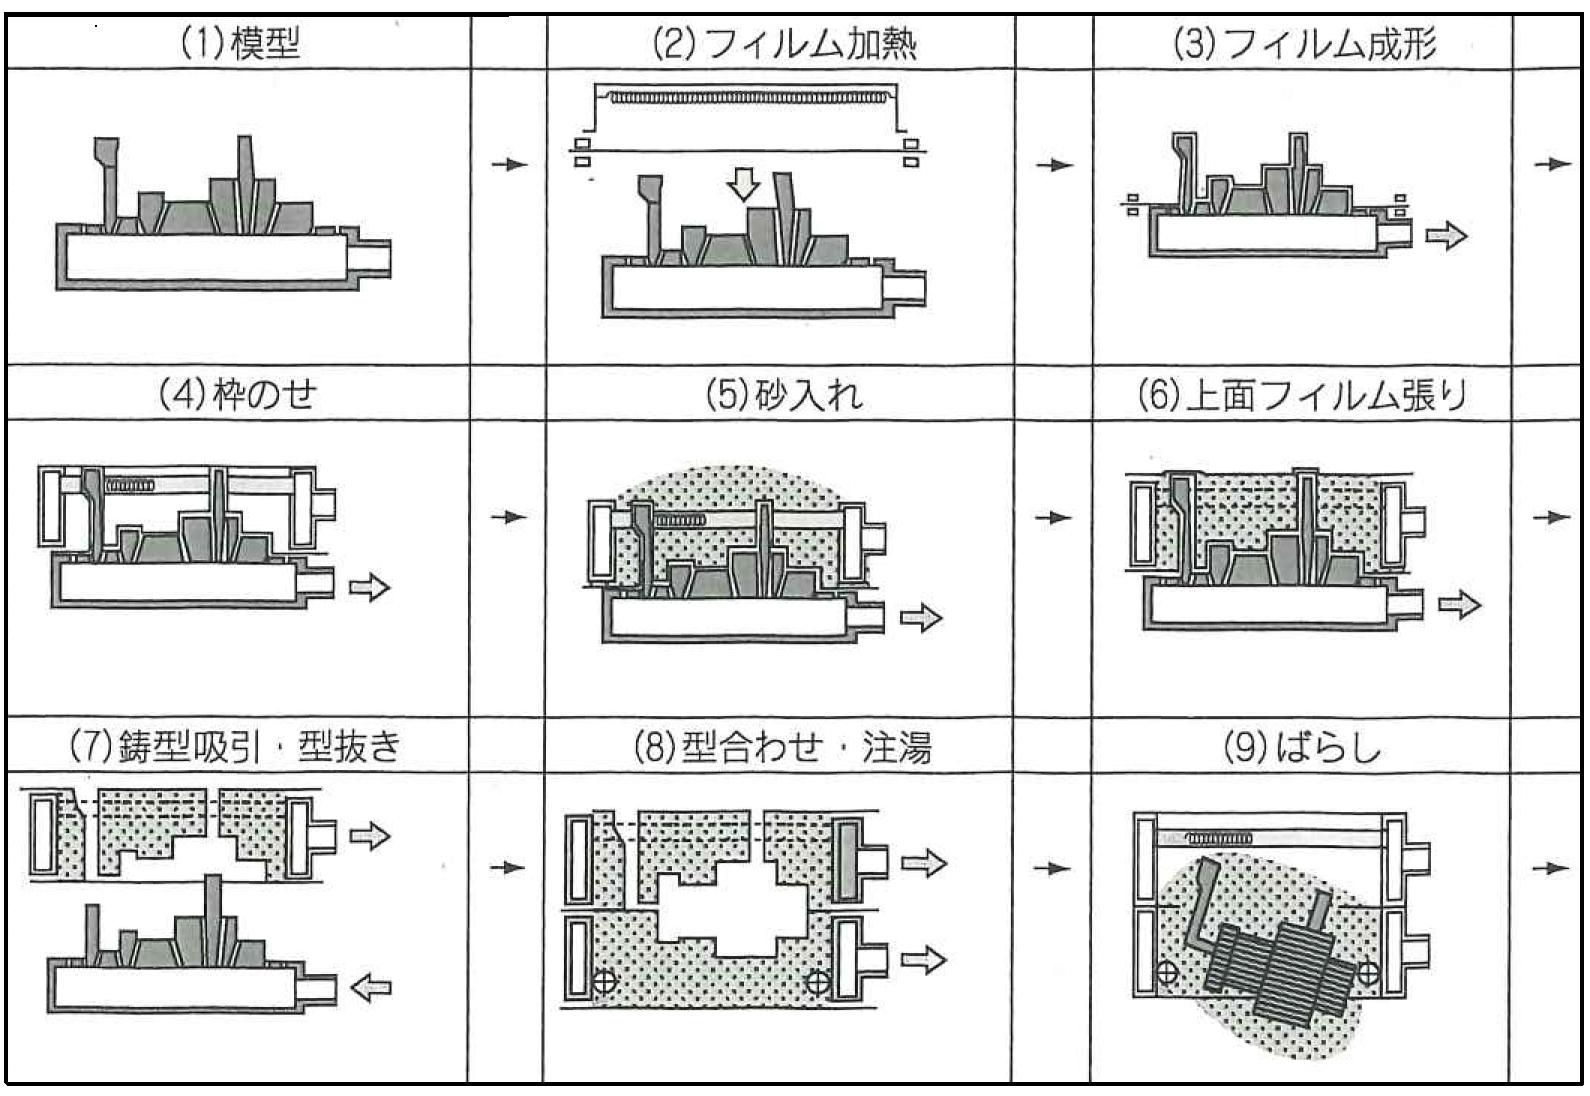 Vプロセス鋳造法の製造工程